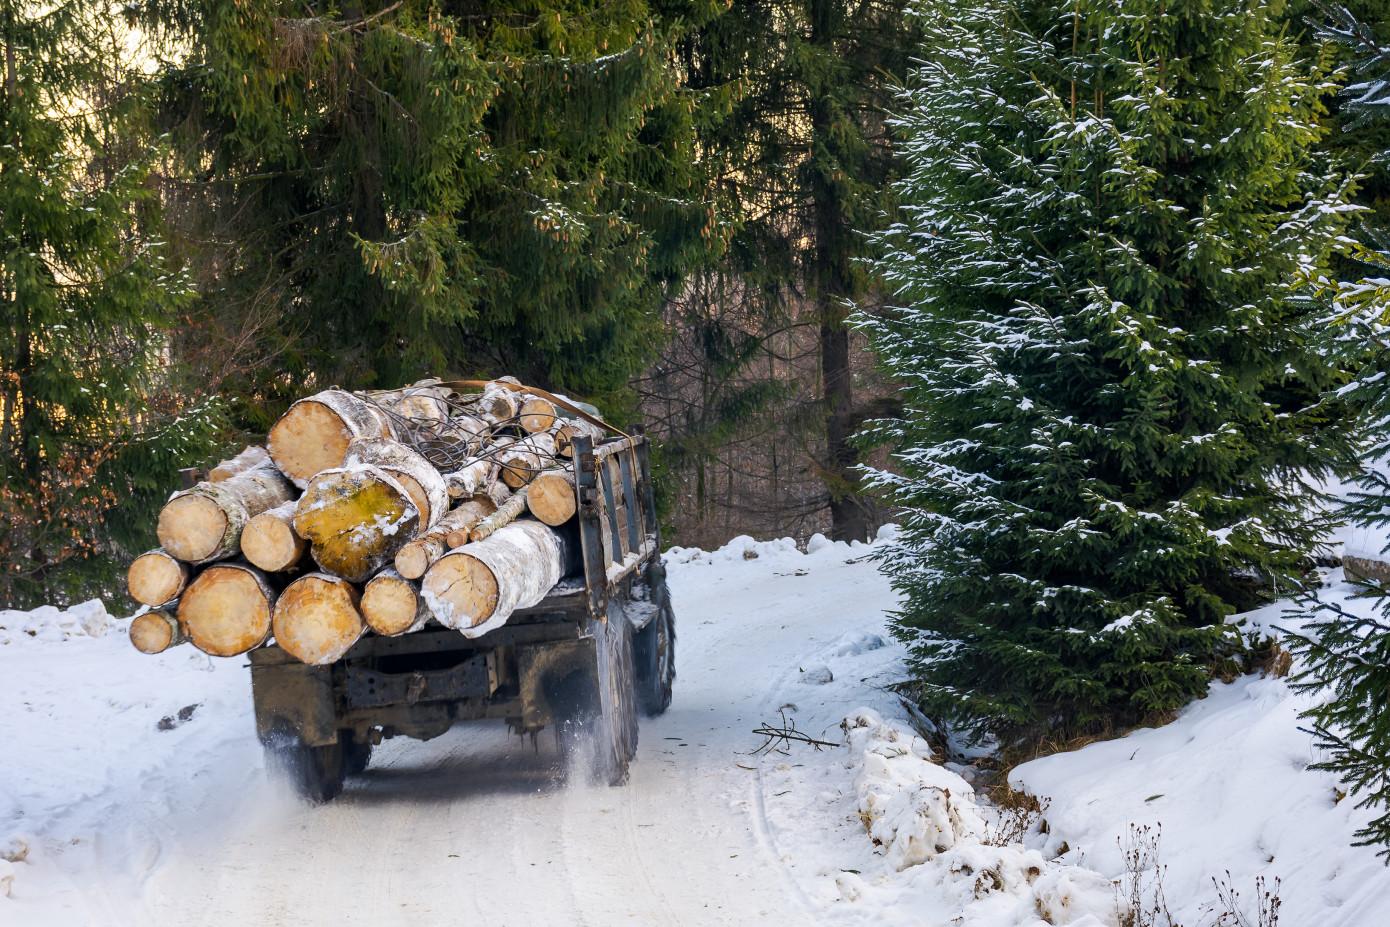 Китай ввел запрет на закупку, транспортировку и переработку незаконно заготовленной древесины